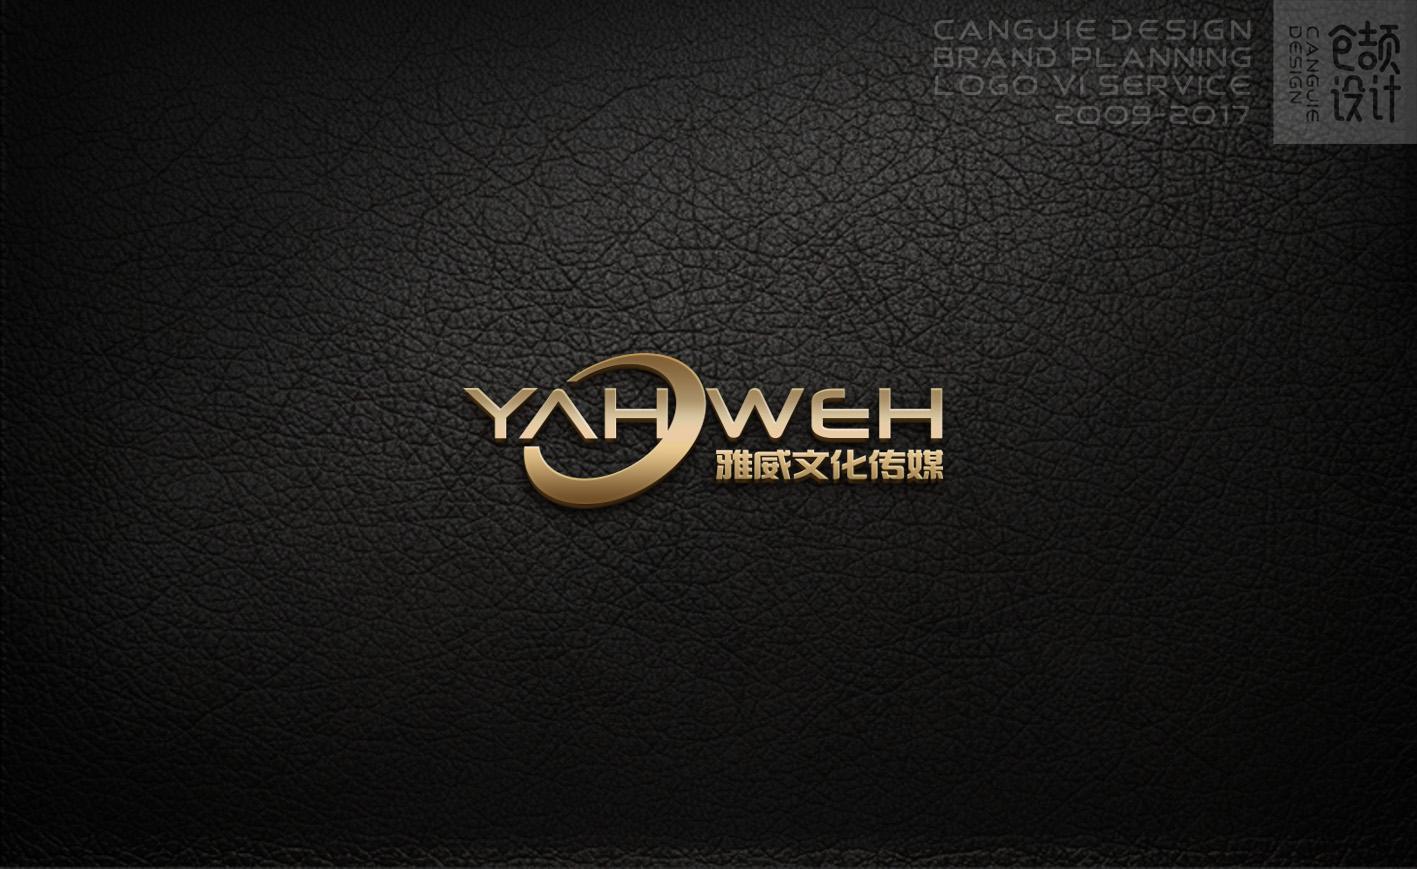 文化传媒公司logo设计_2953206_k68威客网